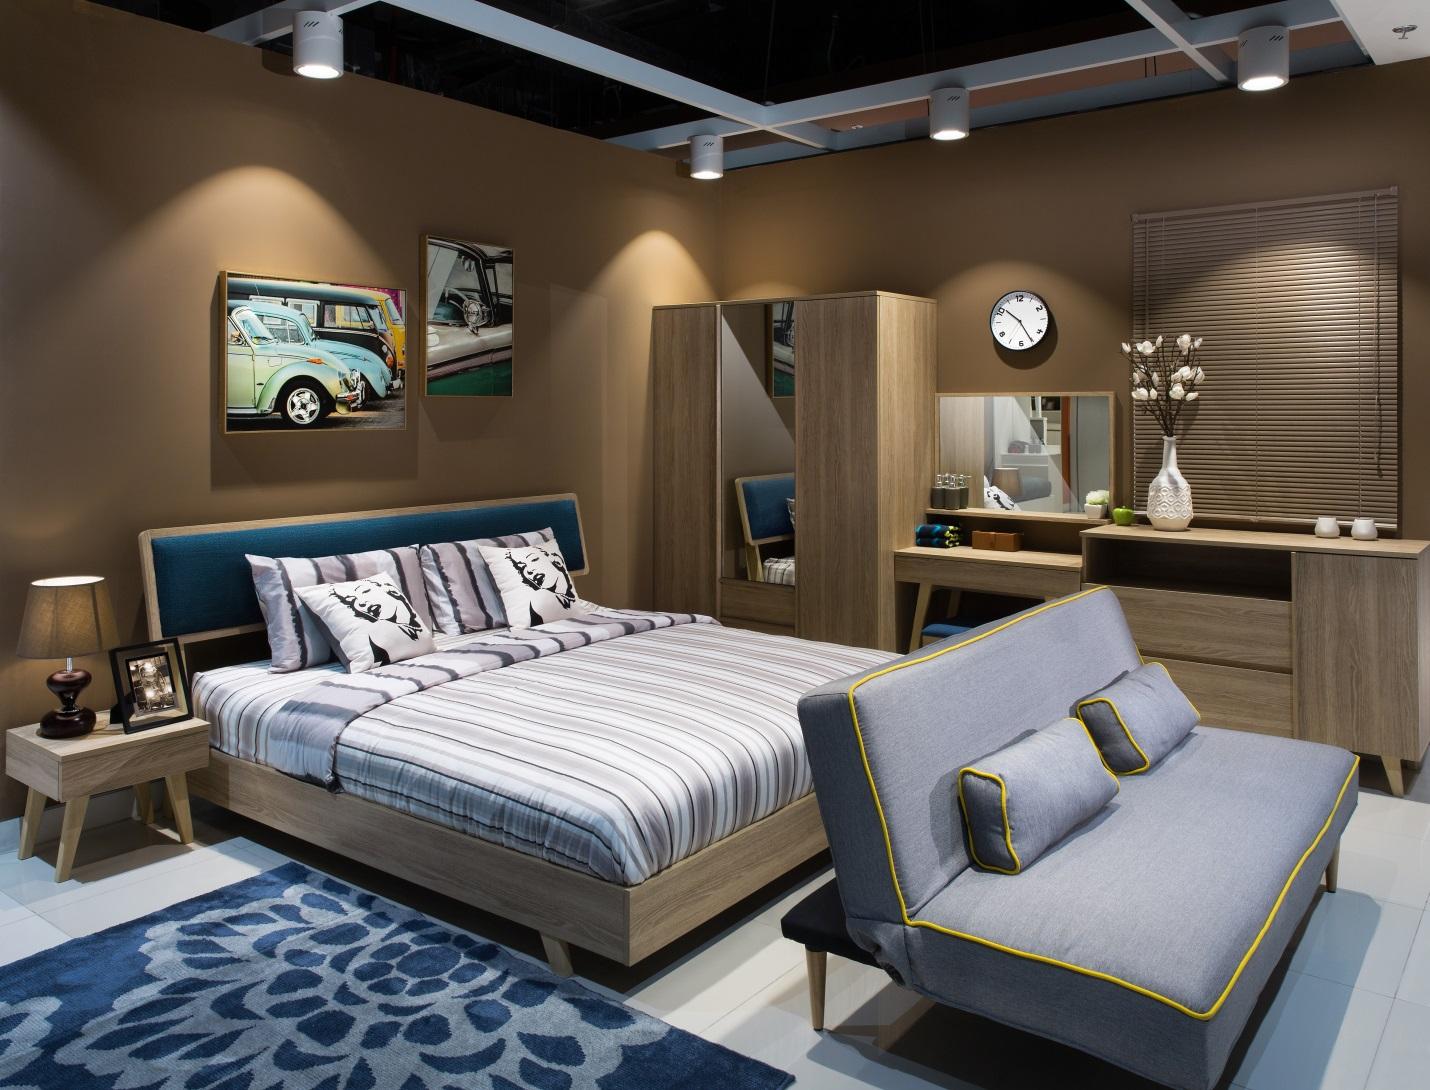 Mẹo bố trí đèn phòng ngủ chuẩn không gian ấm cúng cho biệt thự